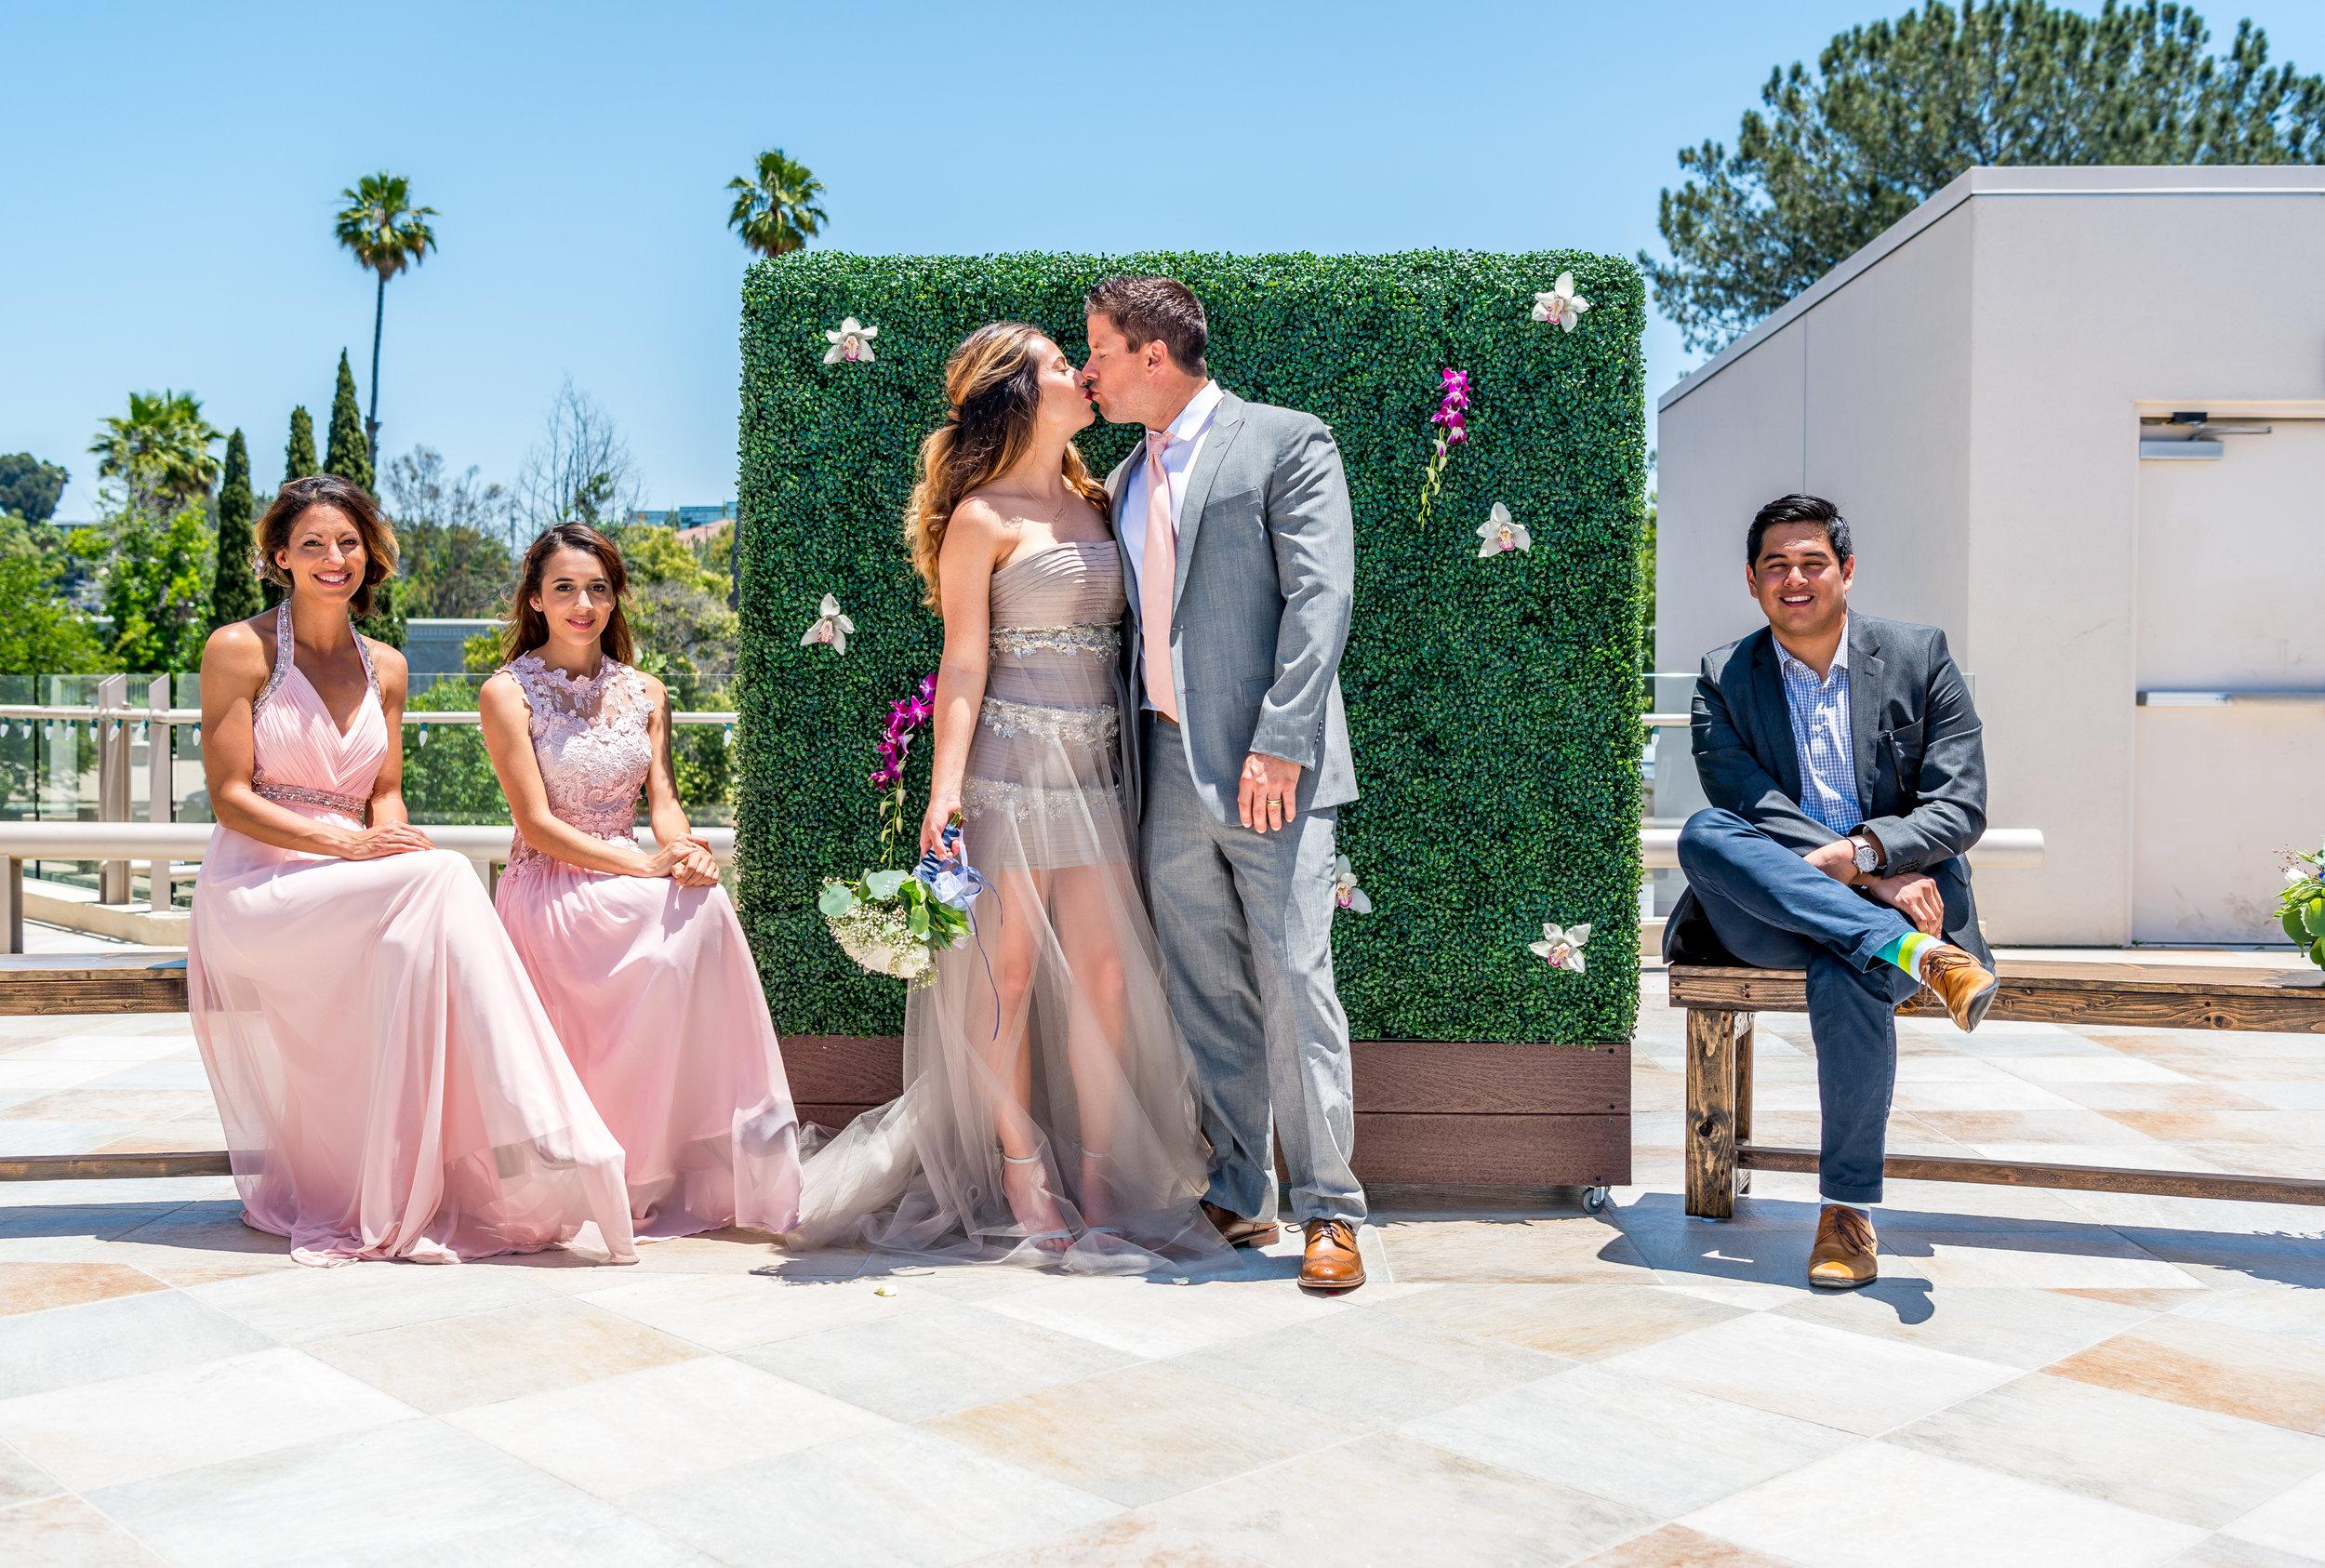 The_Centre_Escondido_Weddings_Emry_Photography_0288.jpg